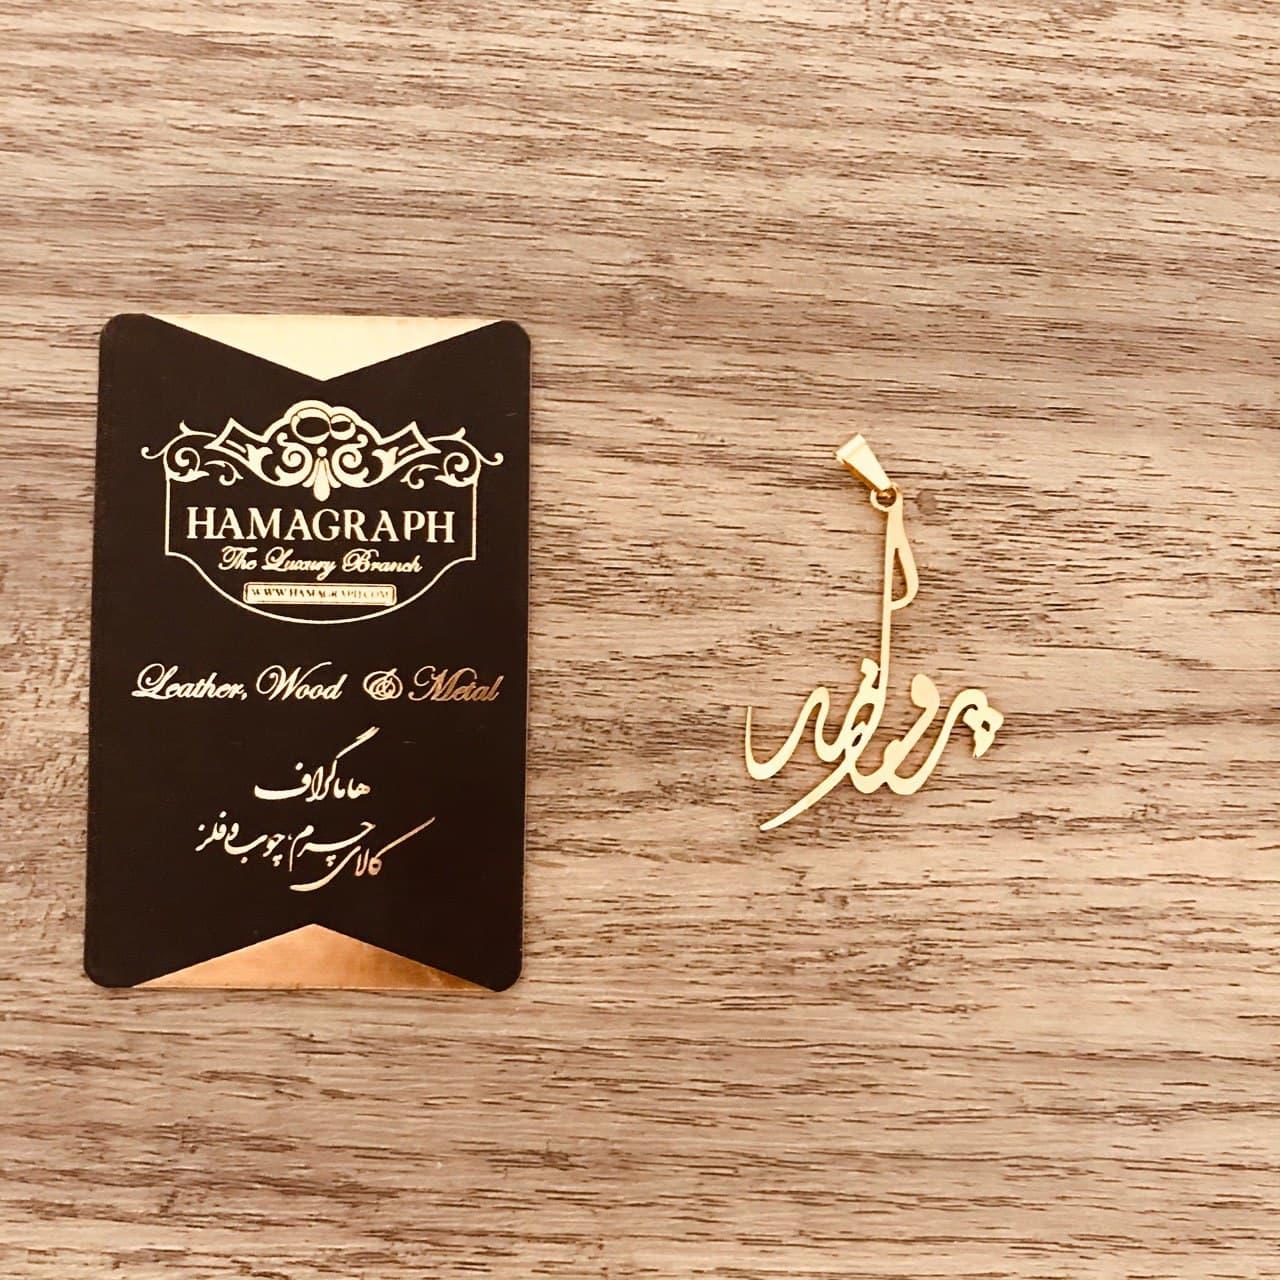 گردنبند استیل طلایی با طرح اسم پروانه